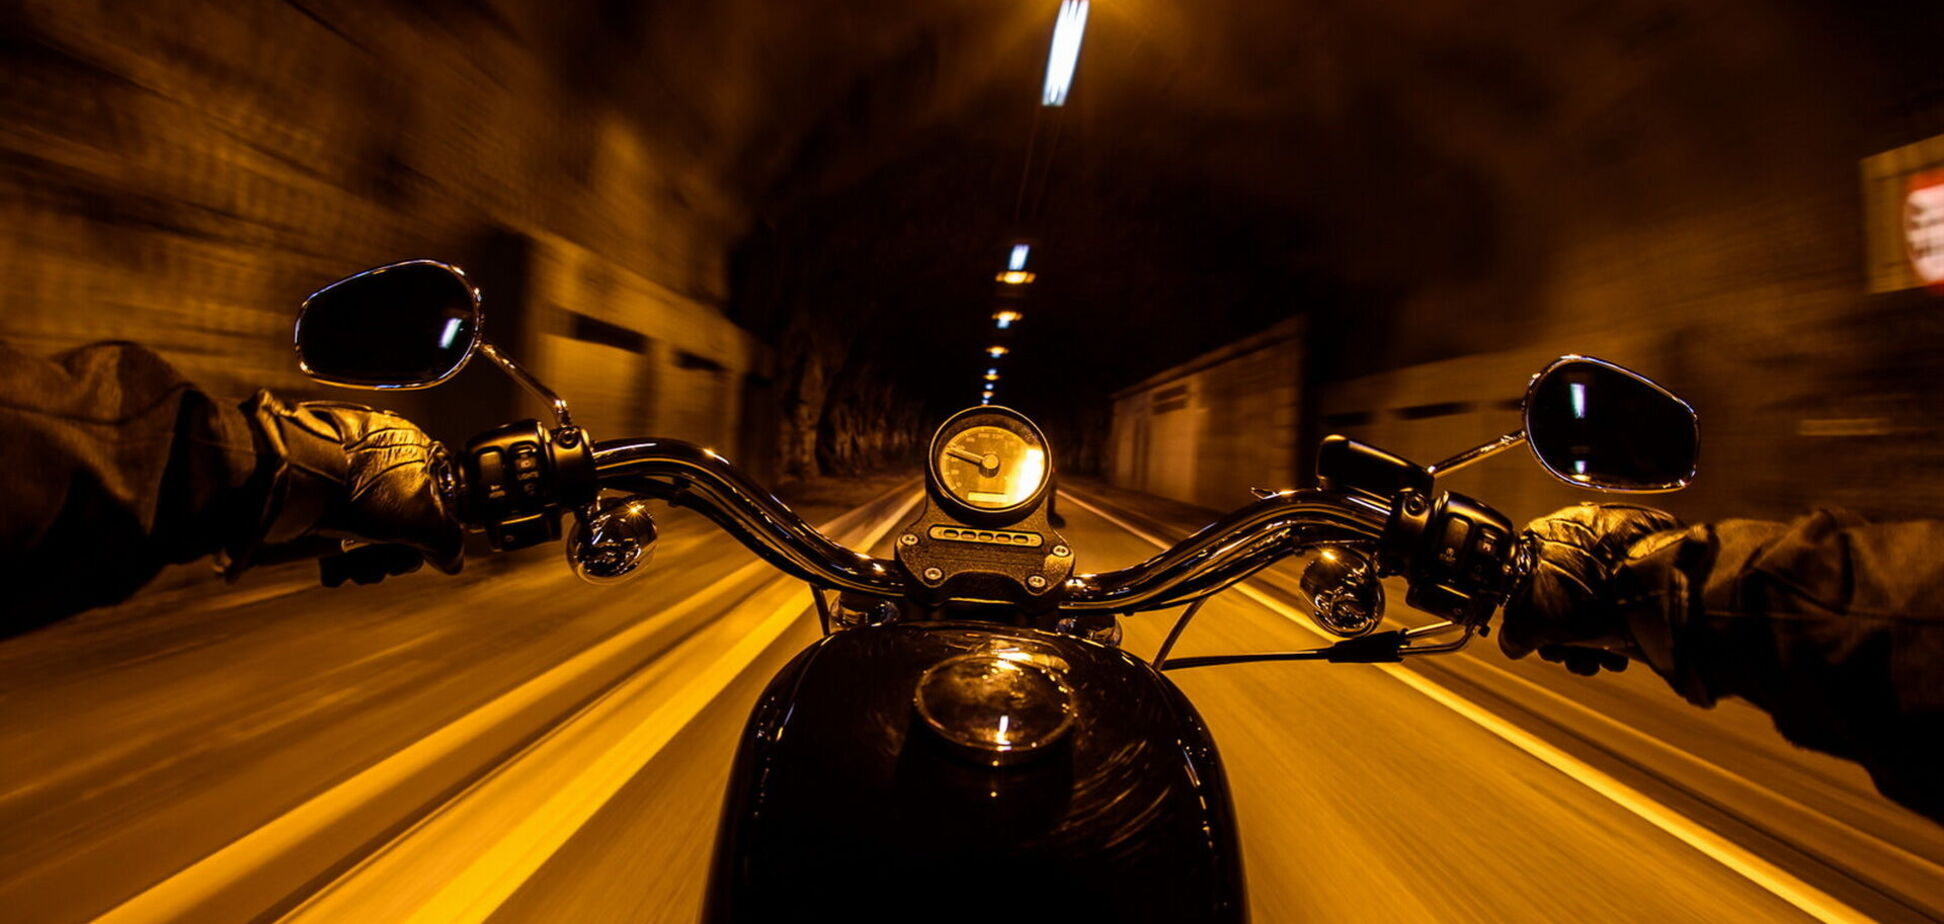 У Кривому Розі мотоцикліст потрапив у ДТП на швидкості 120 км/год. Фото 18+